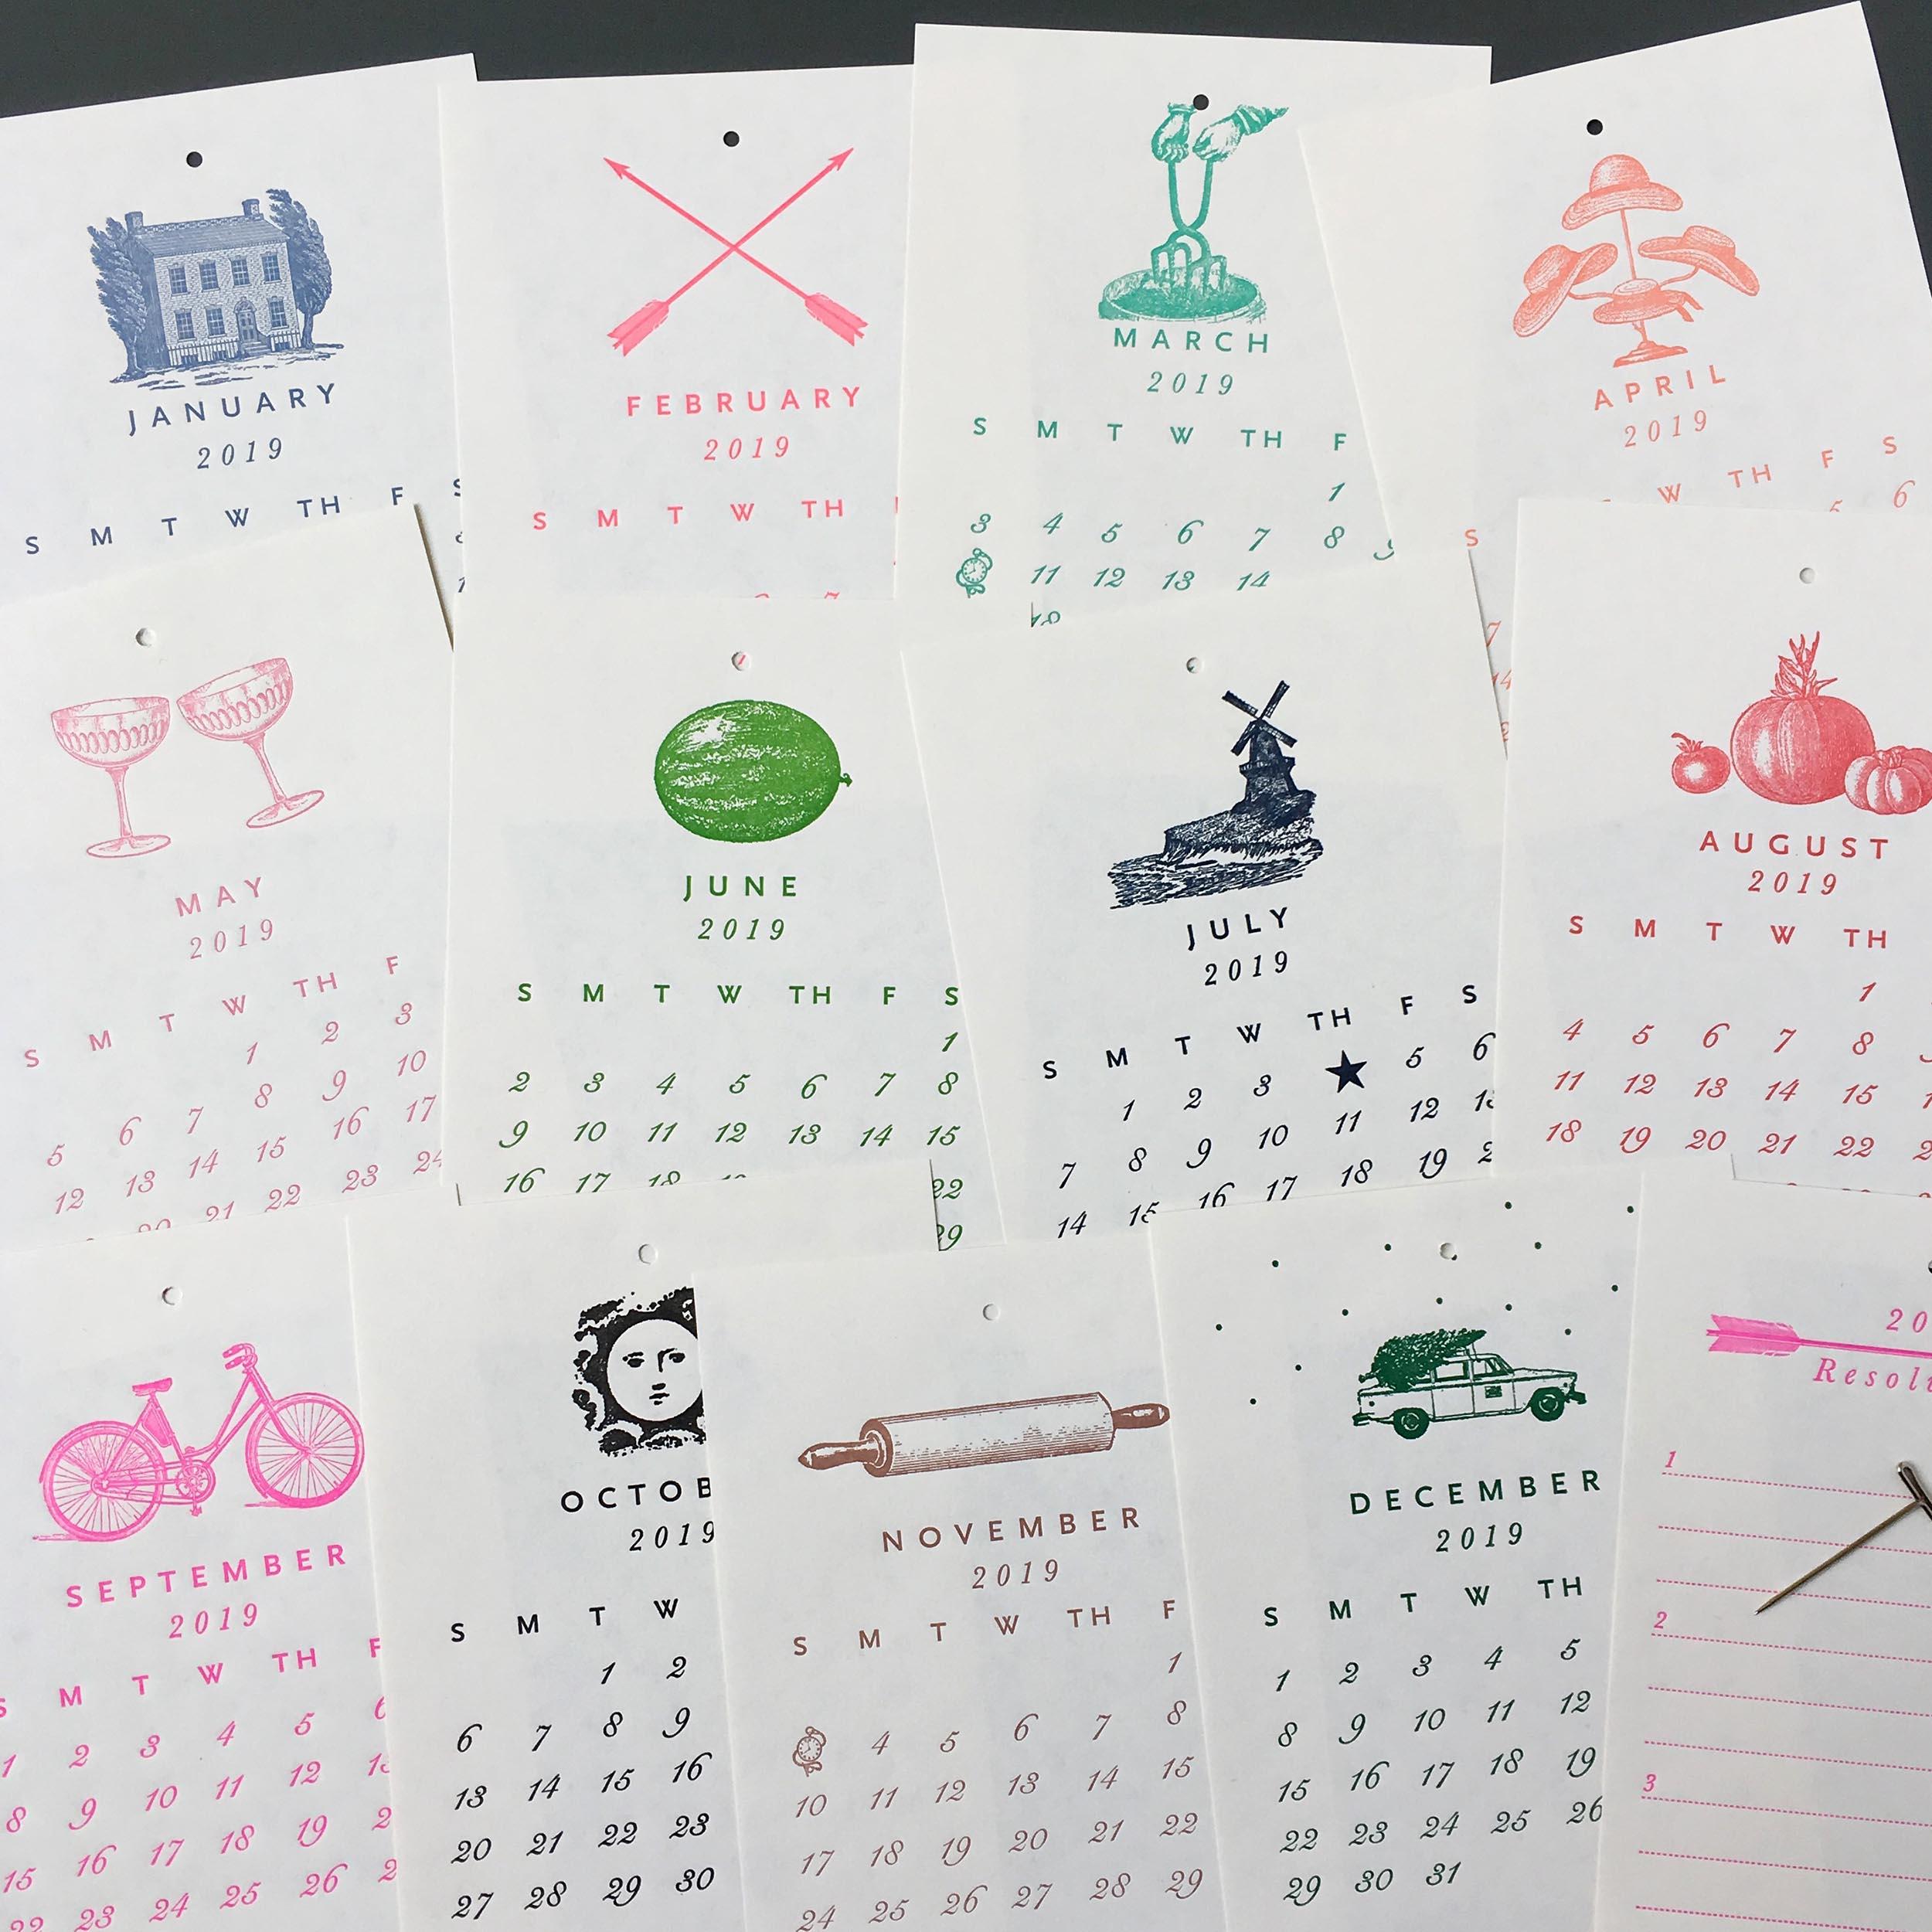 2019_calendar_1.jpg